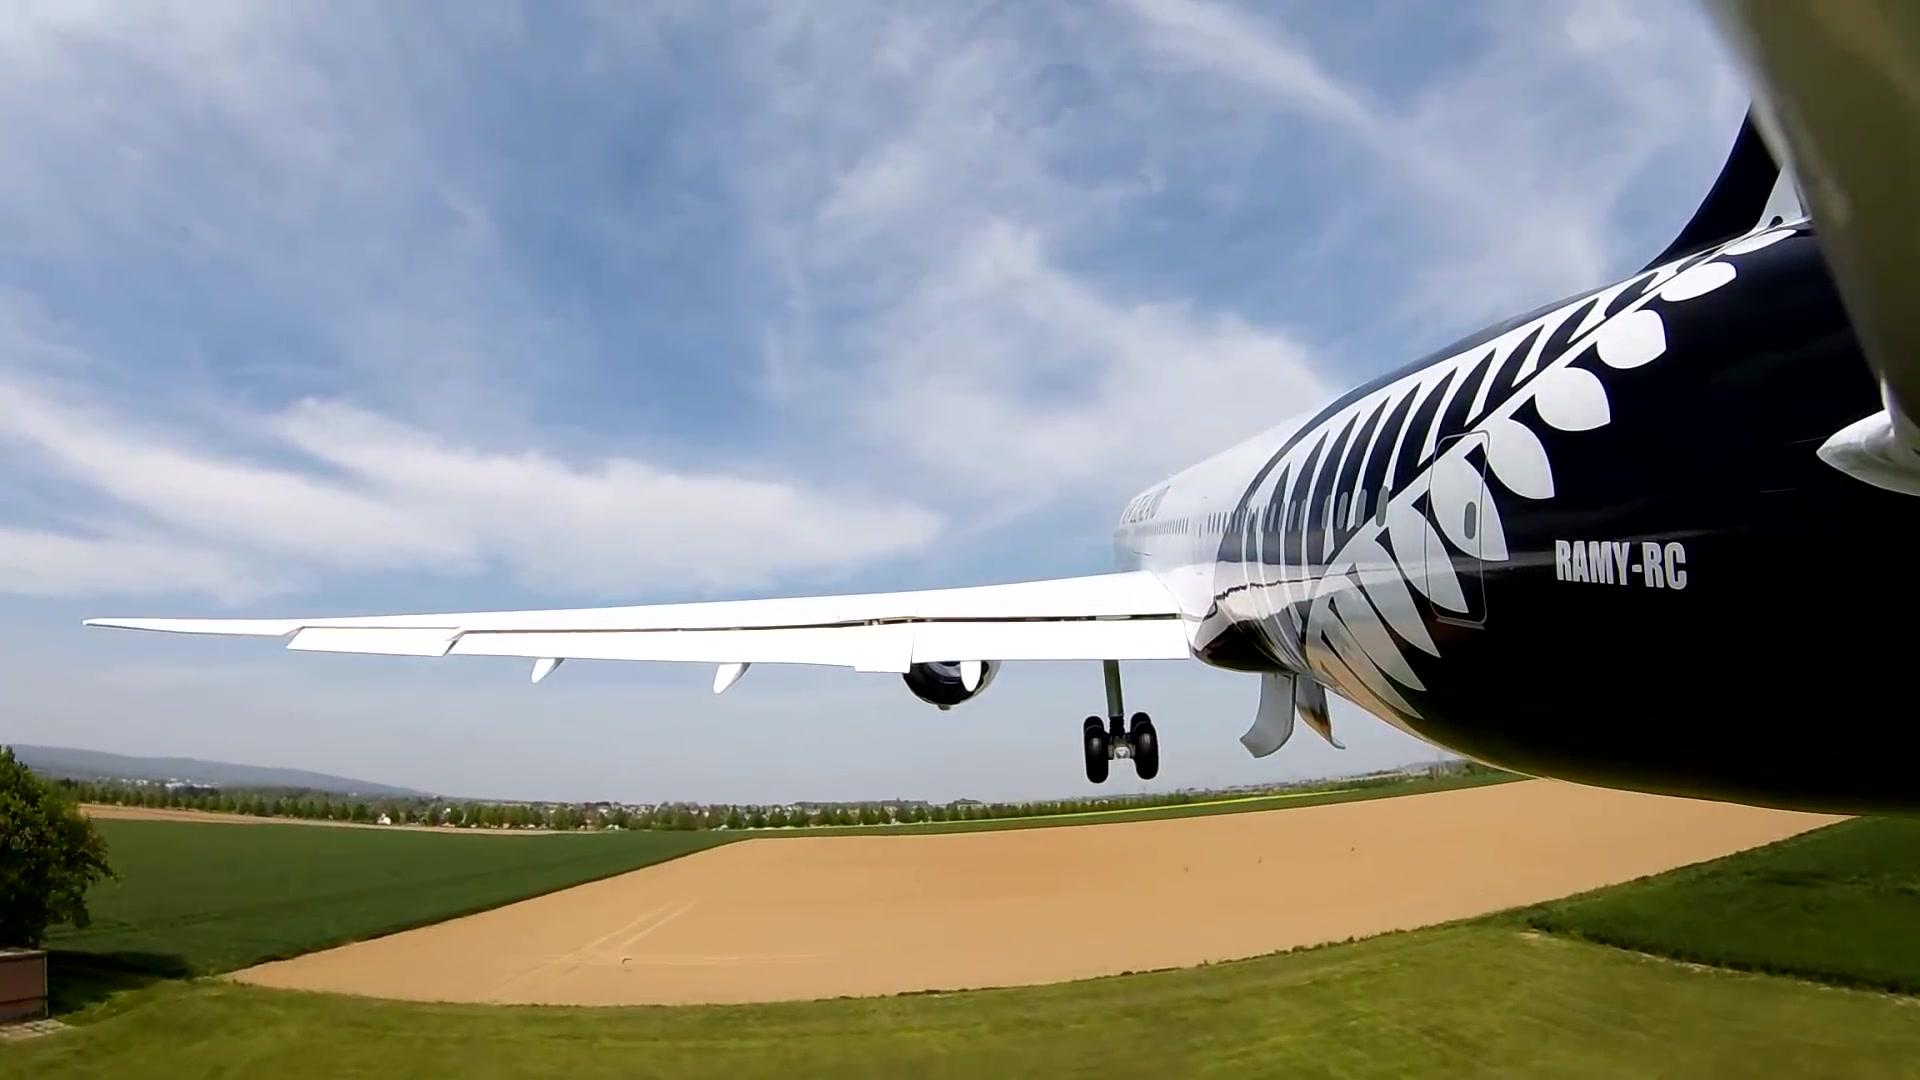 【RAMY RC】新西兰航空B787-9二次试飞 紧急着陆_哔哩哔哩 (゜-゜)つロ 干杯~-bilibili